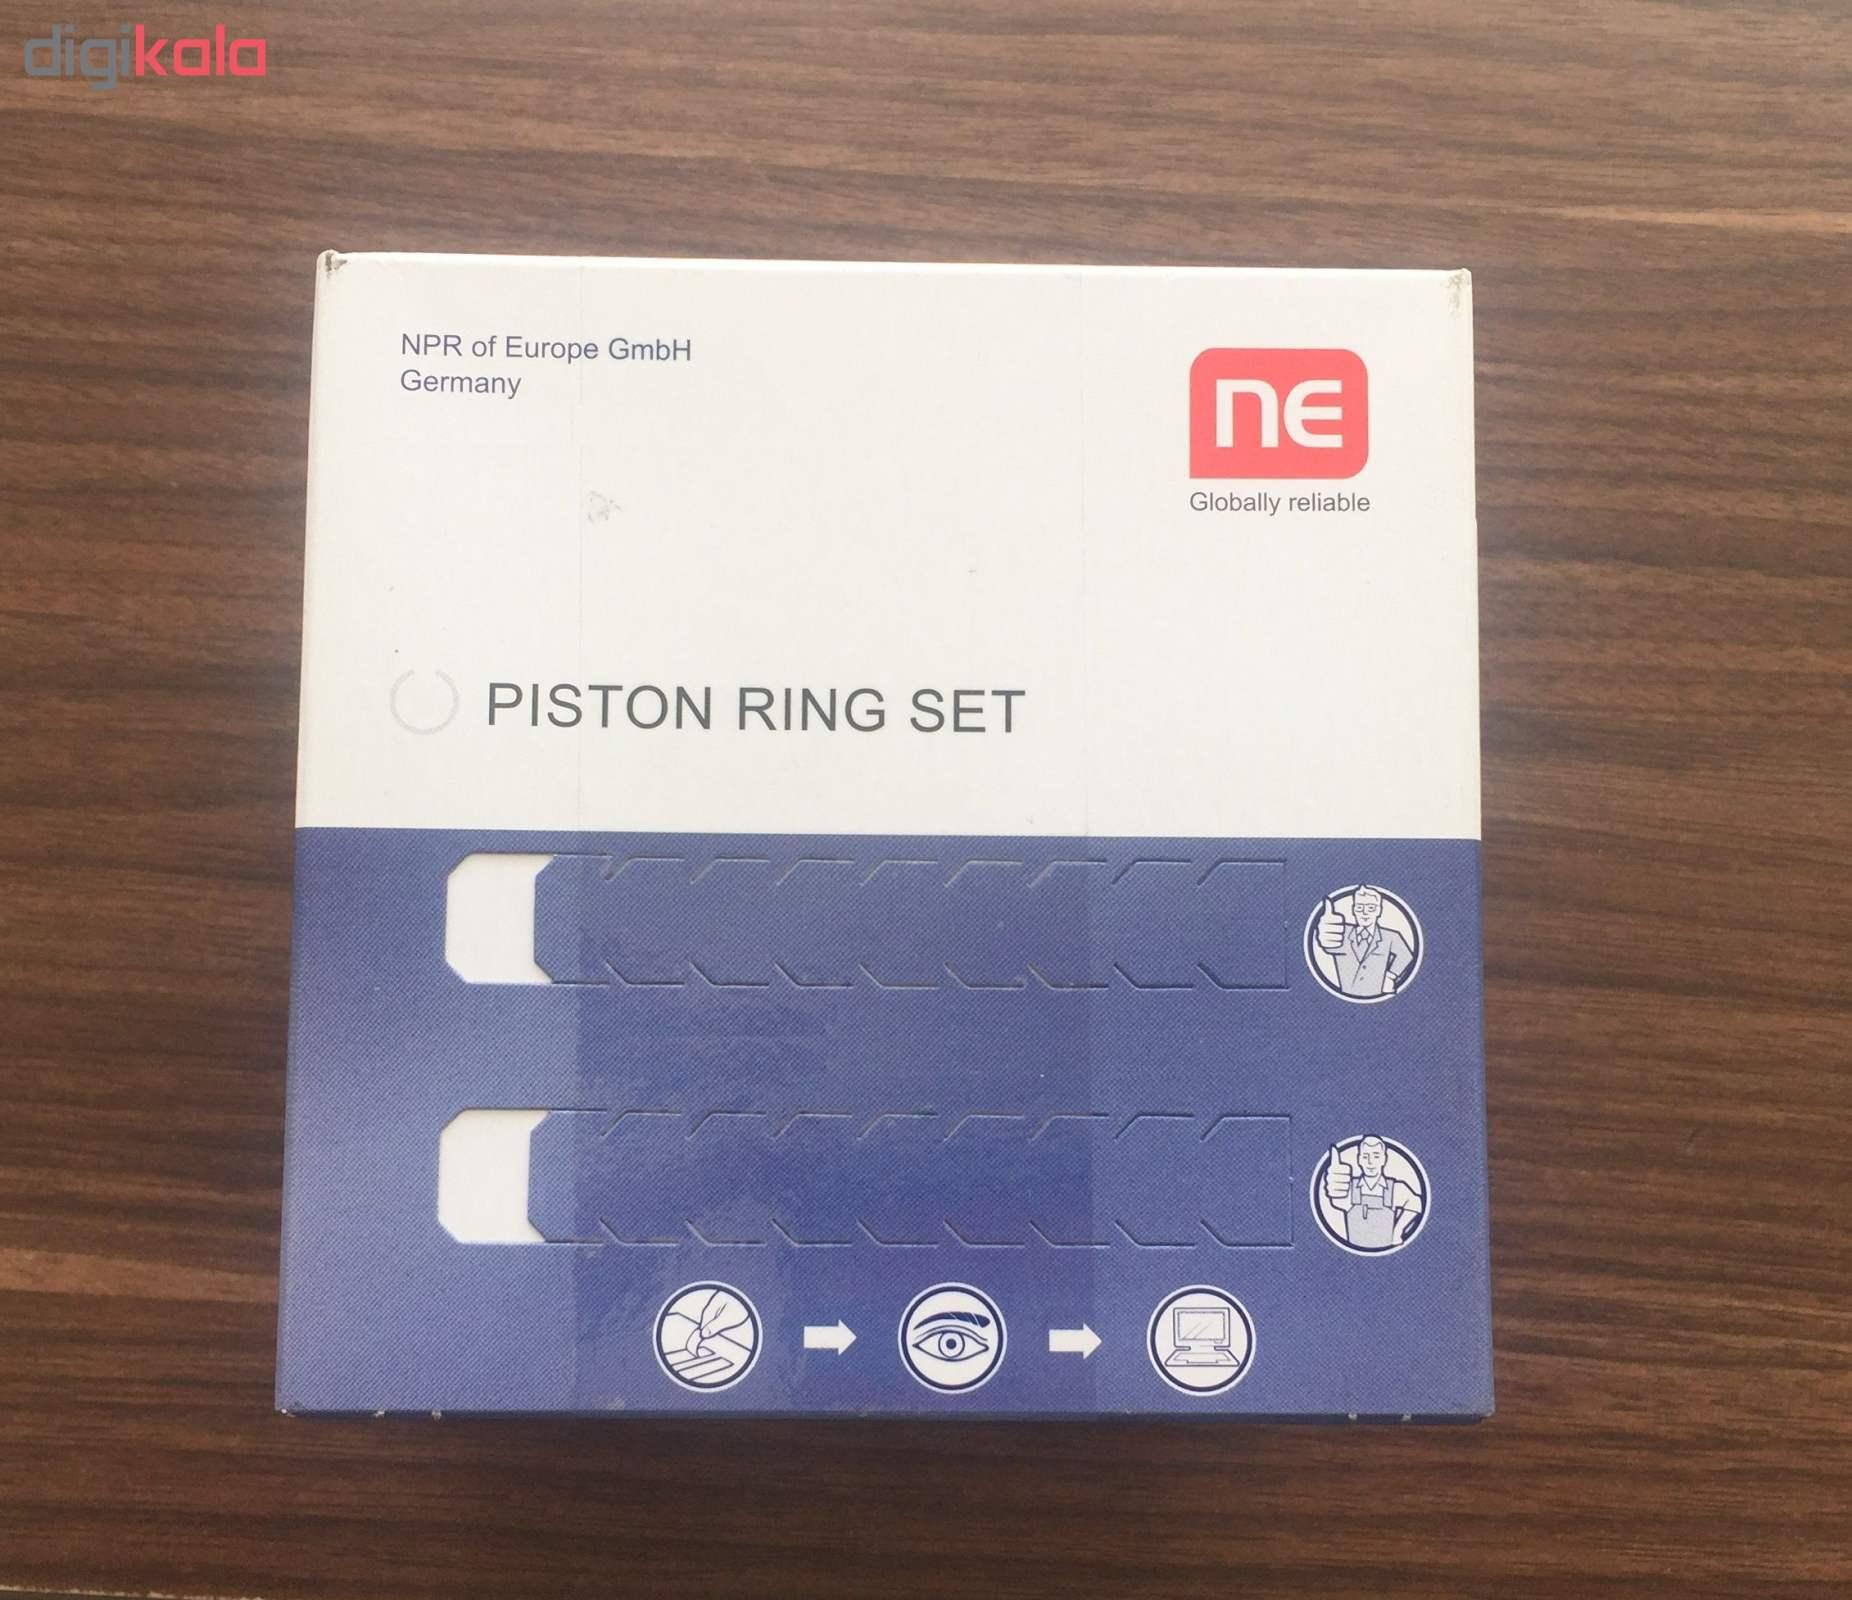 رینگ موتور NE کد 8937250000 مناسب برای پژو 405 و پارس thumb 1